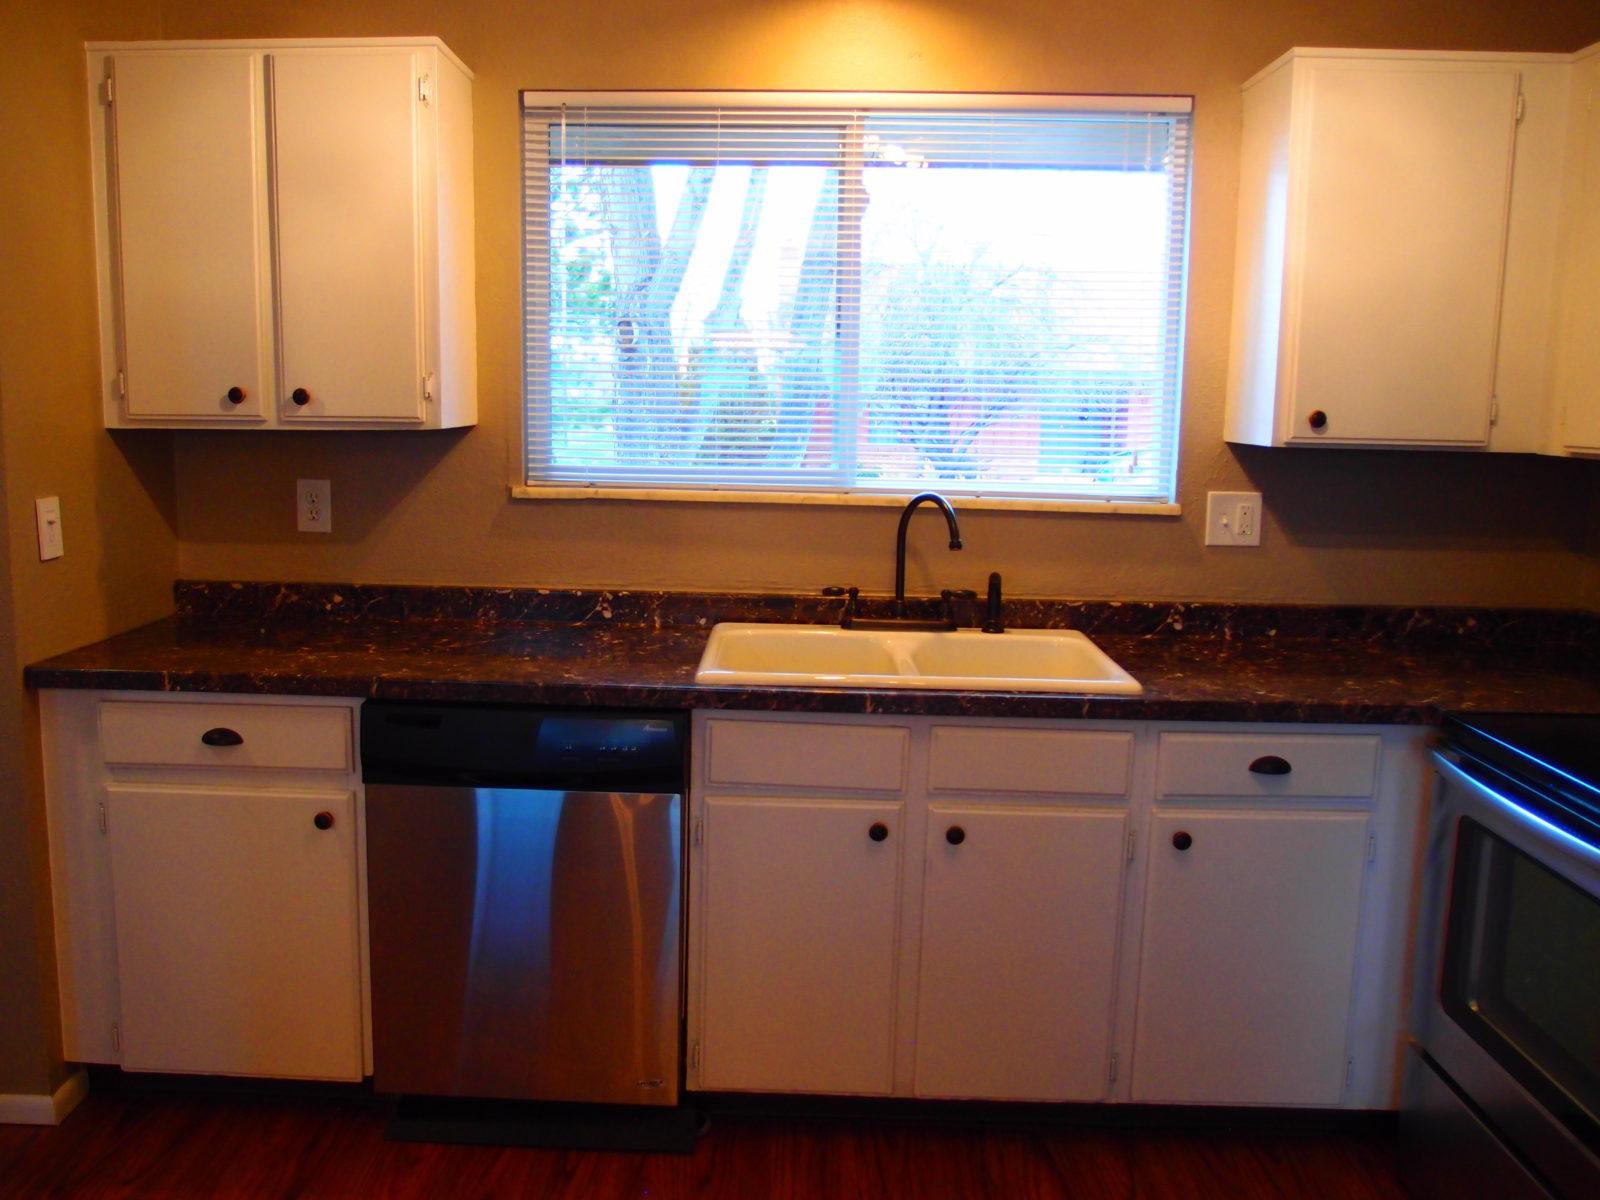 231 kitchen 2